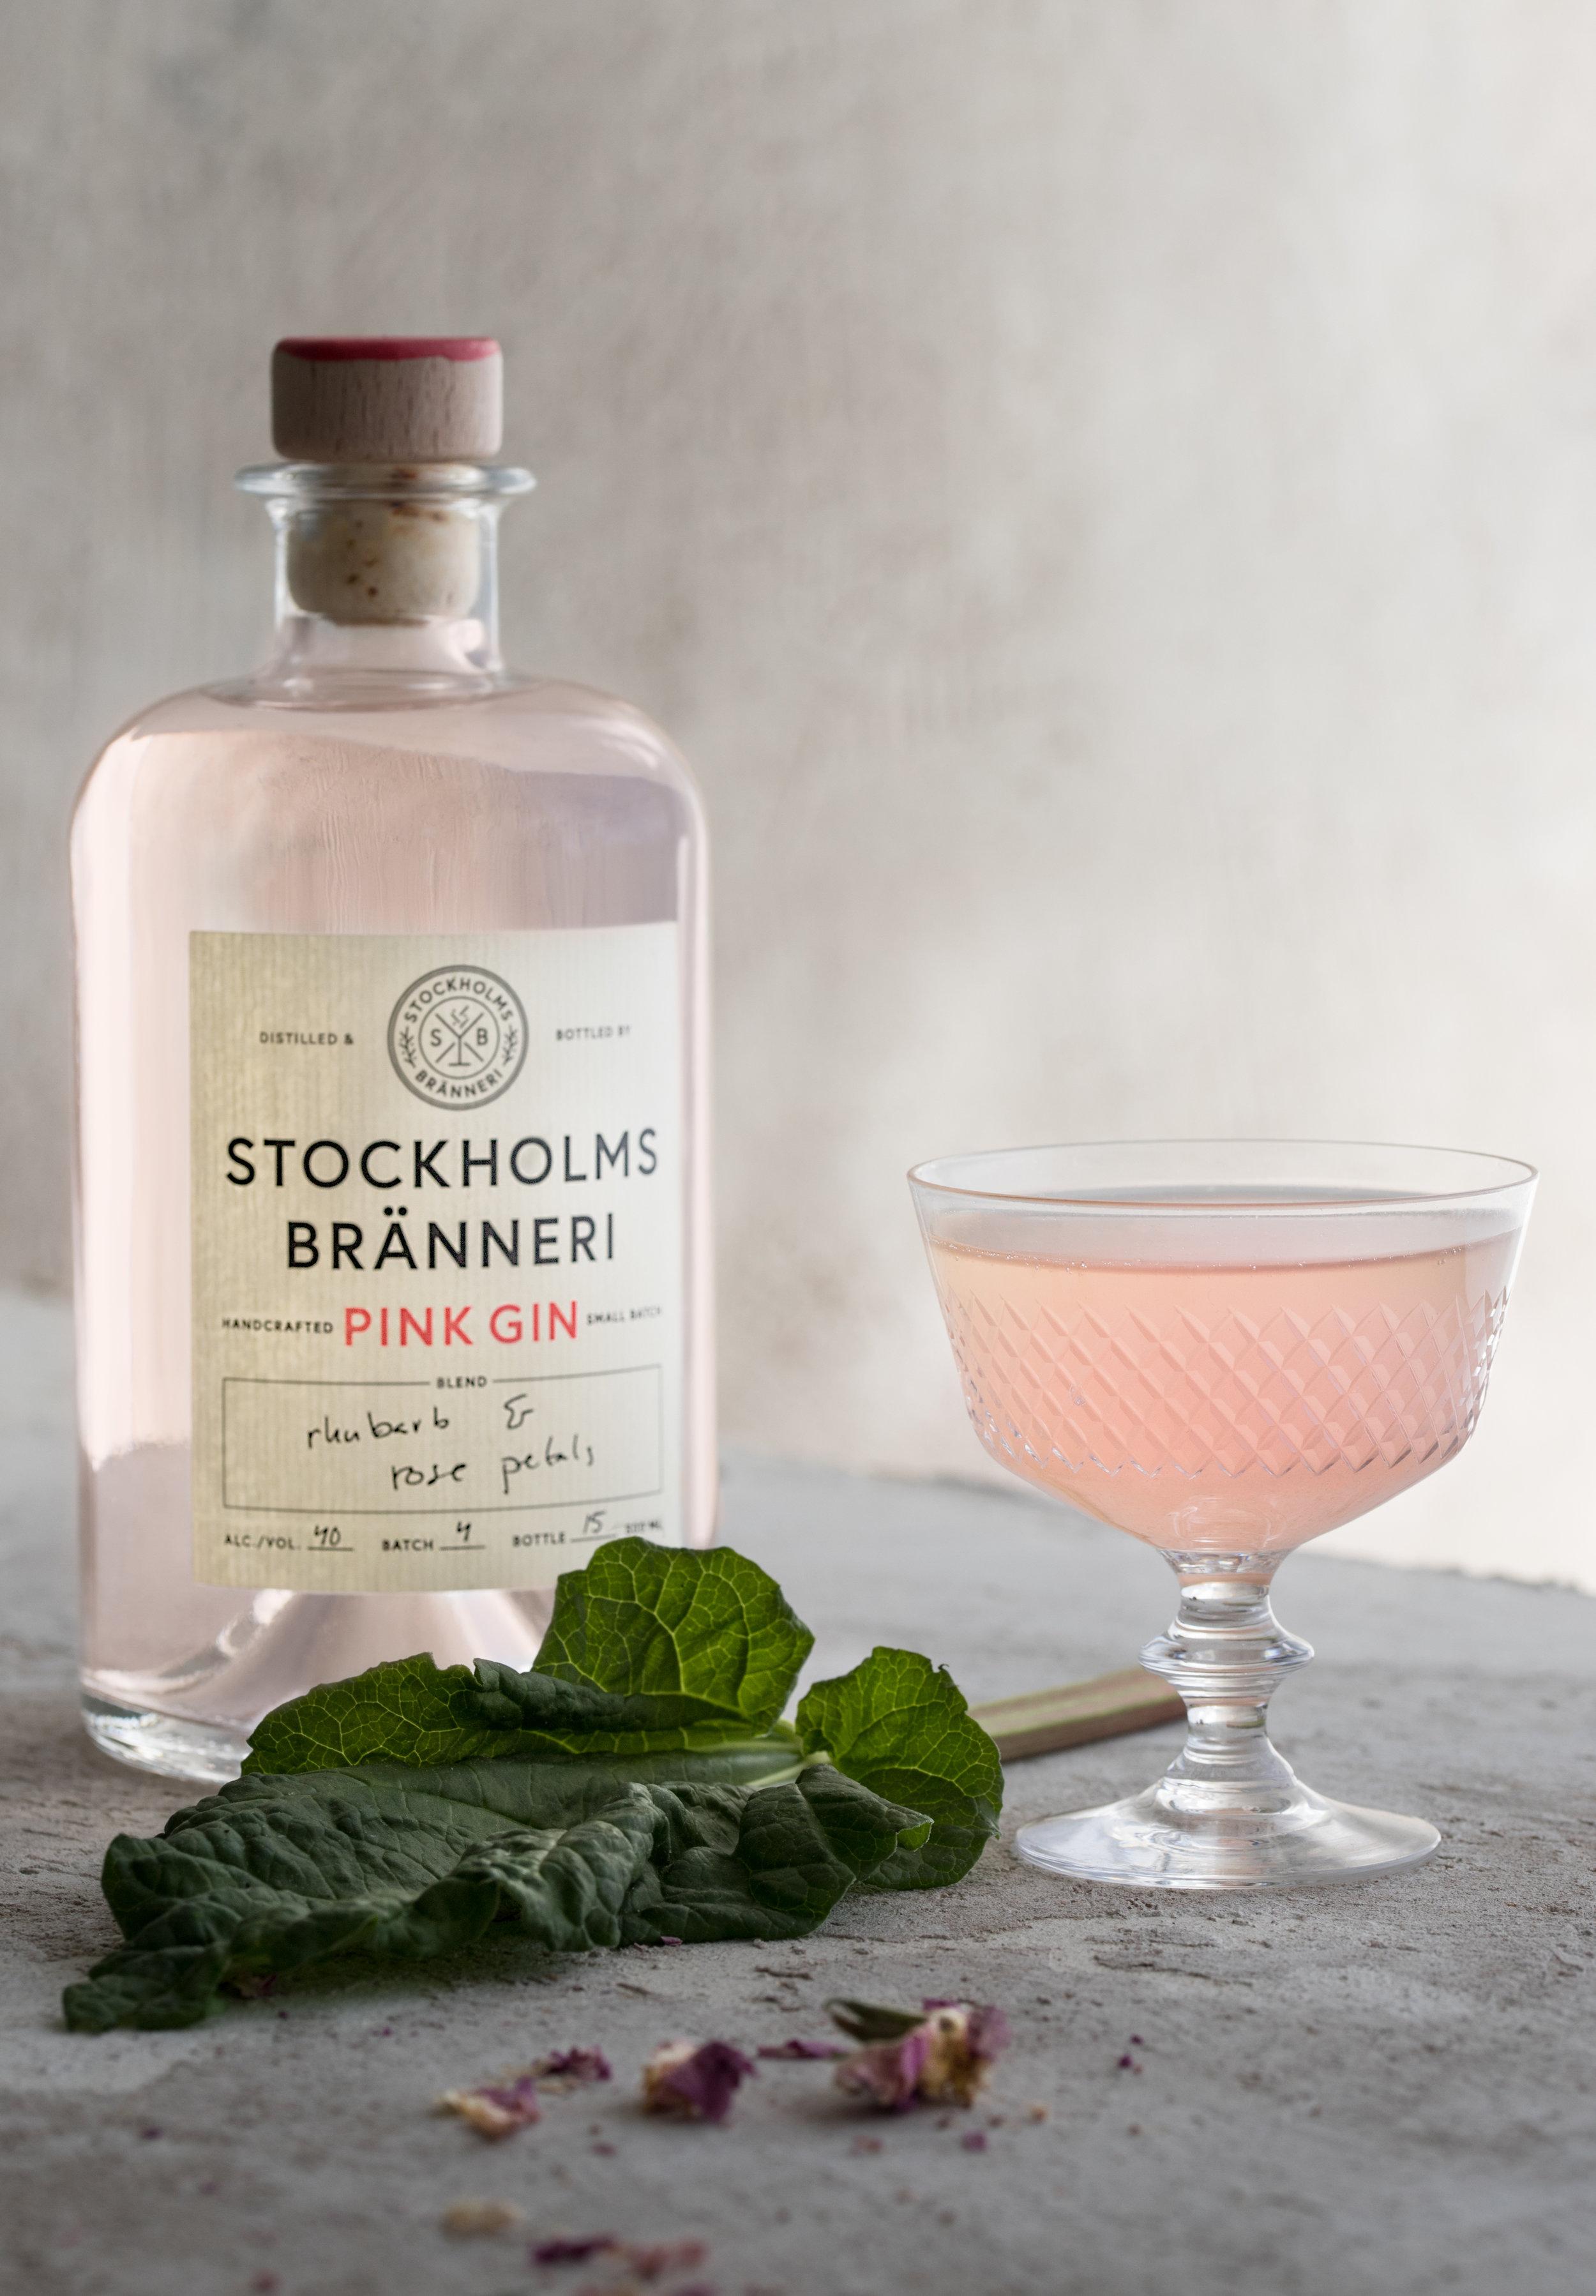 stockholmsbranneri-pink-petter-backlund-3.jpg